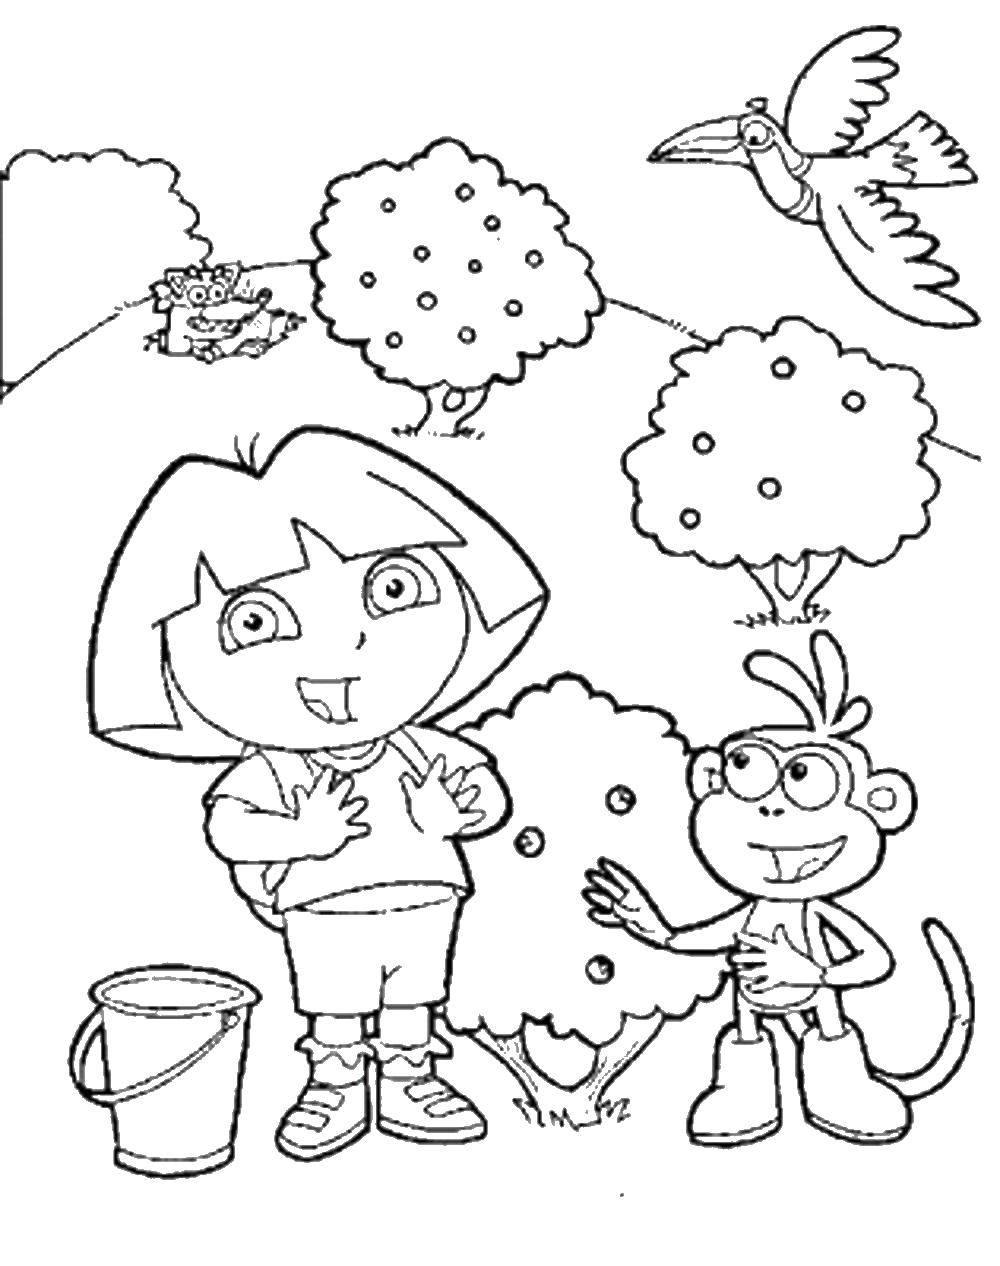 Раскраска Даша собирает ягоды с башмачком Скачать даша, путешественница, башмачок.  Распечатать ,Дора,